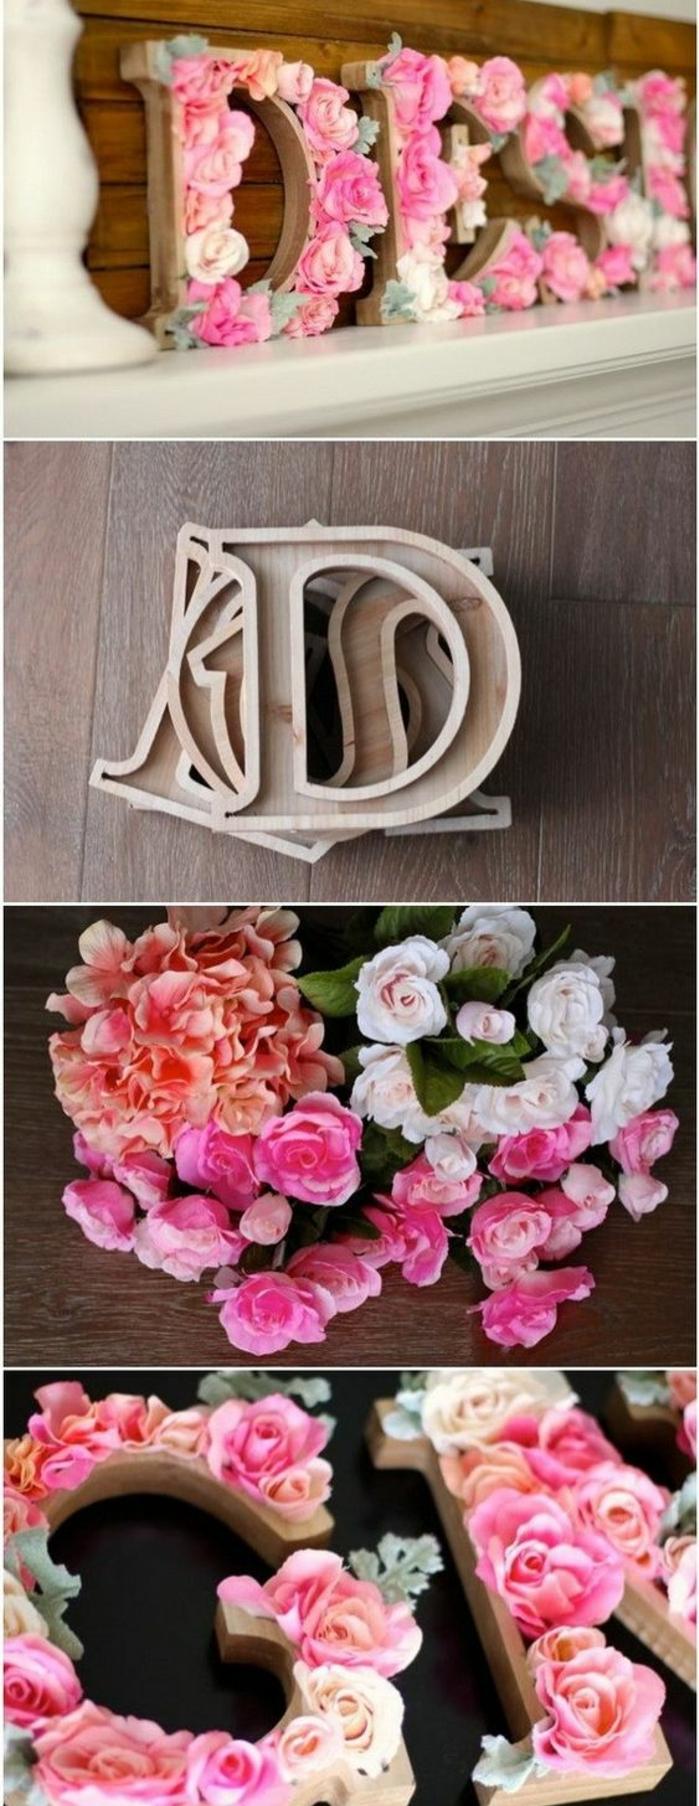 DIY déco chambre, lettre en bois décorée de fleurs rose, idée comment personnaliser la déco dans sa chambre, roses